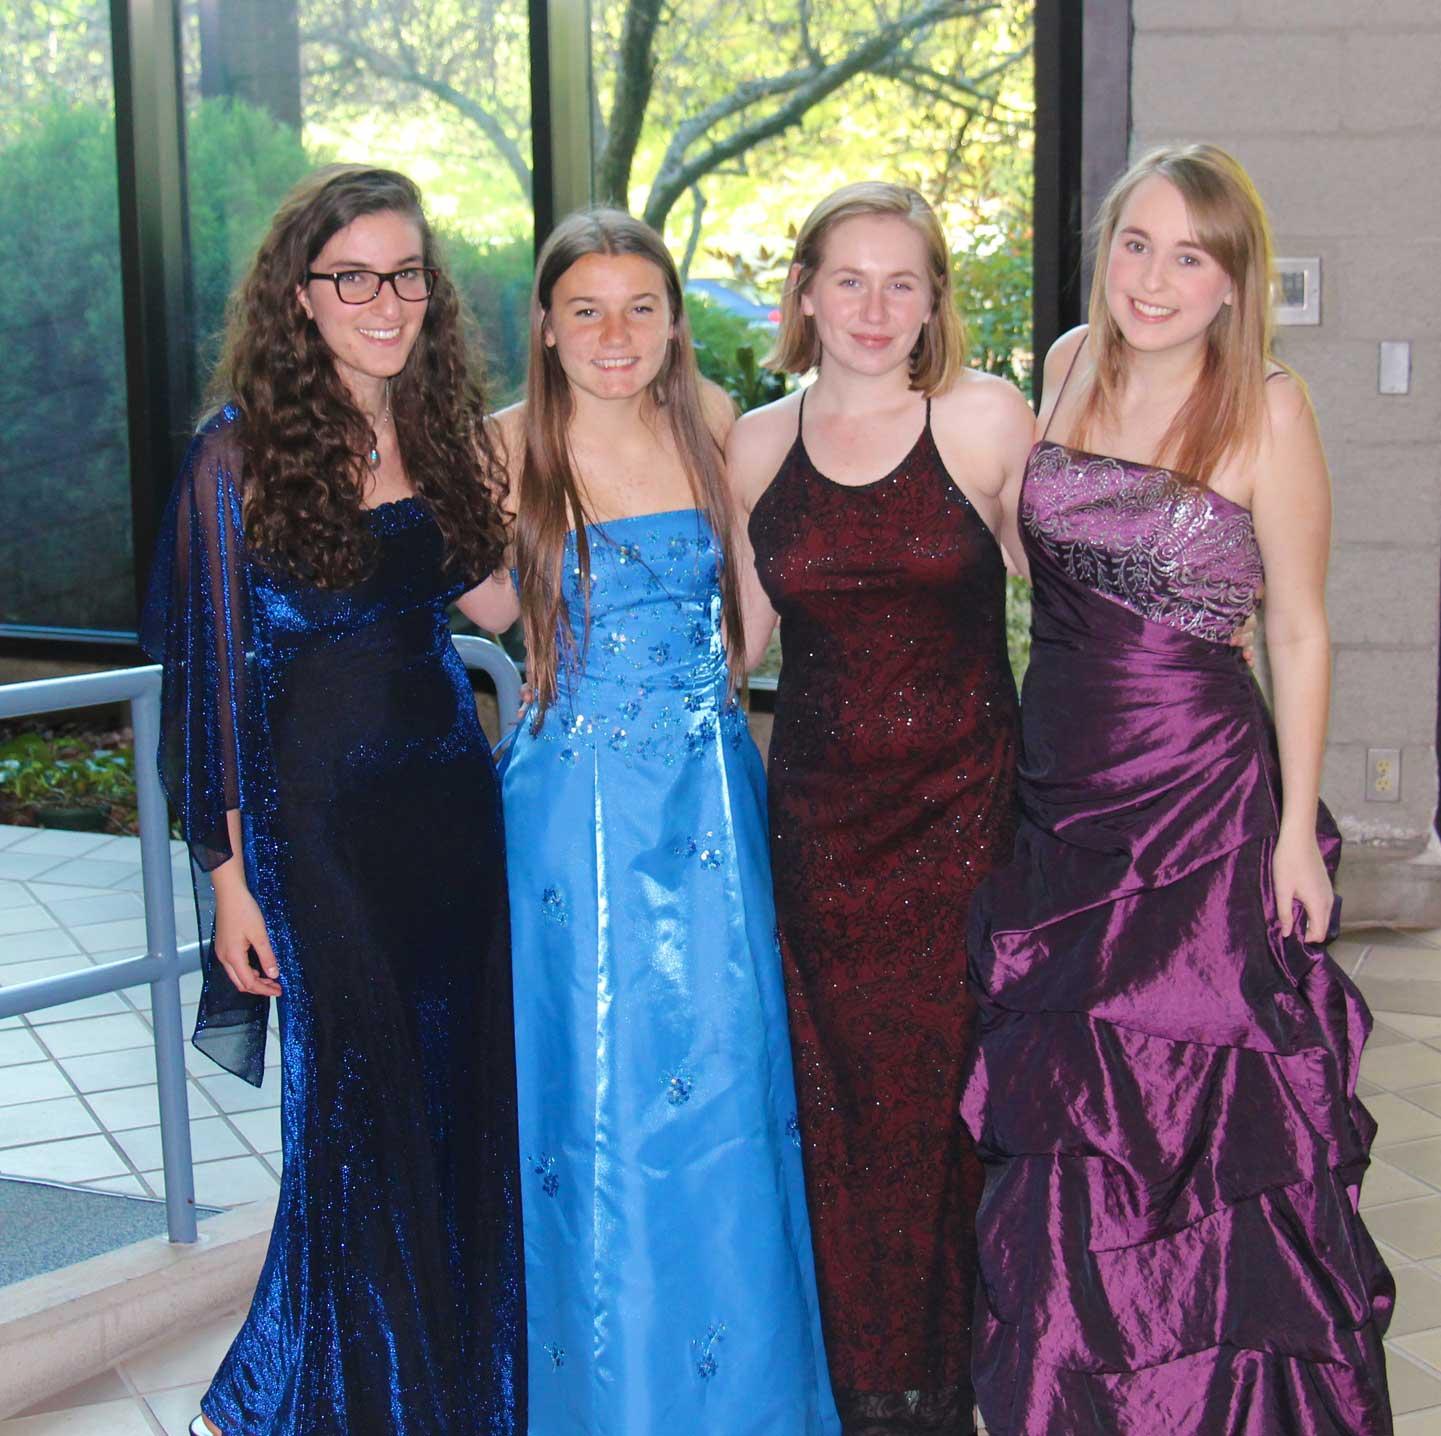 4-girls-prom-dresses.jpg